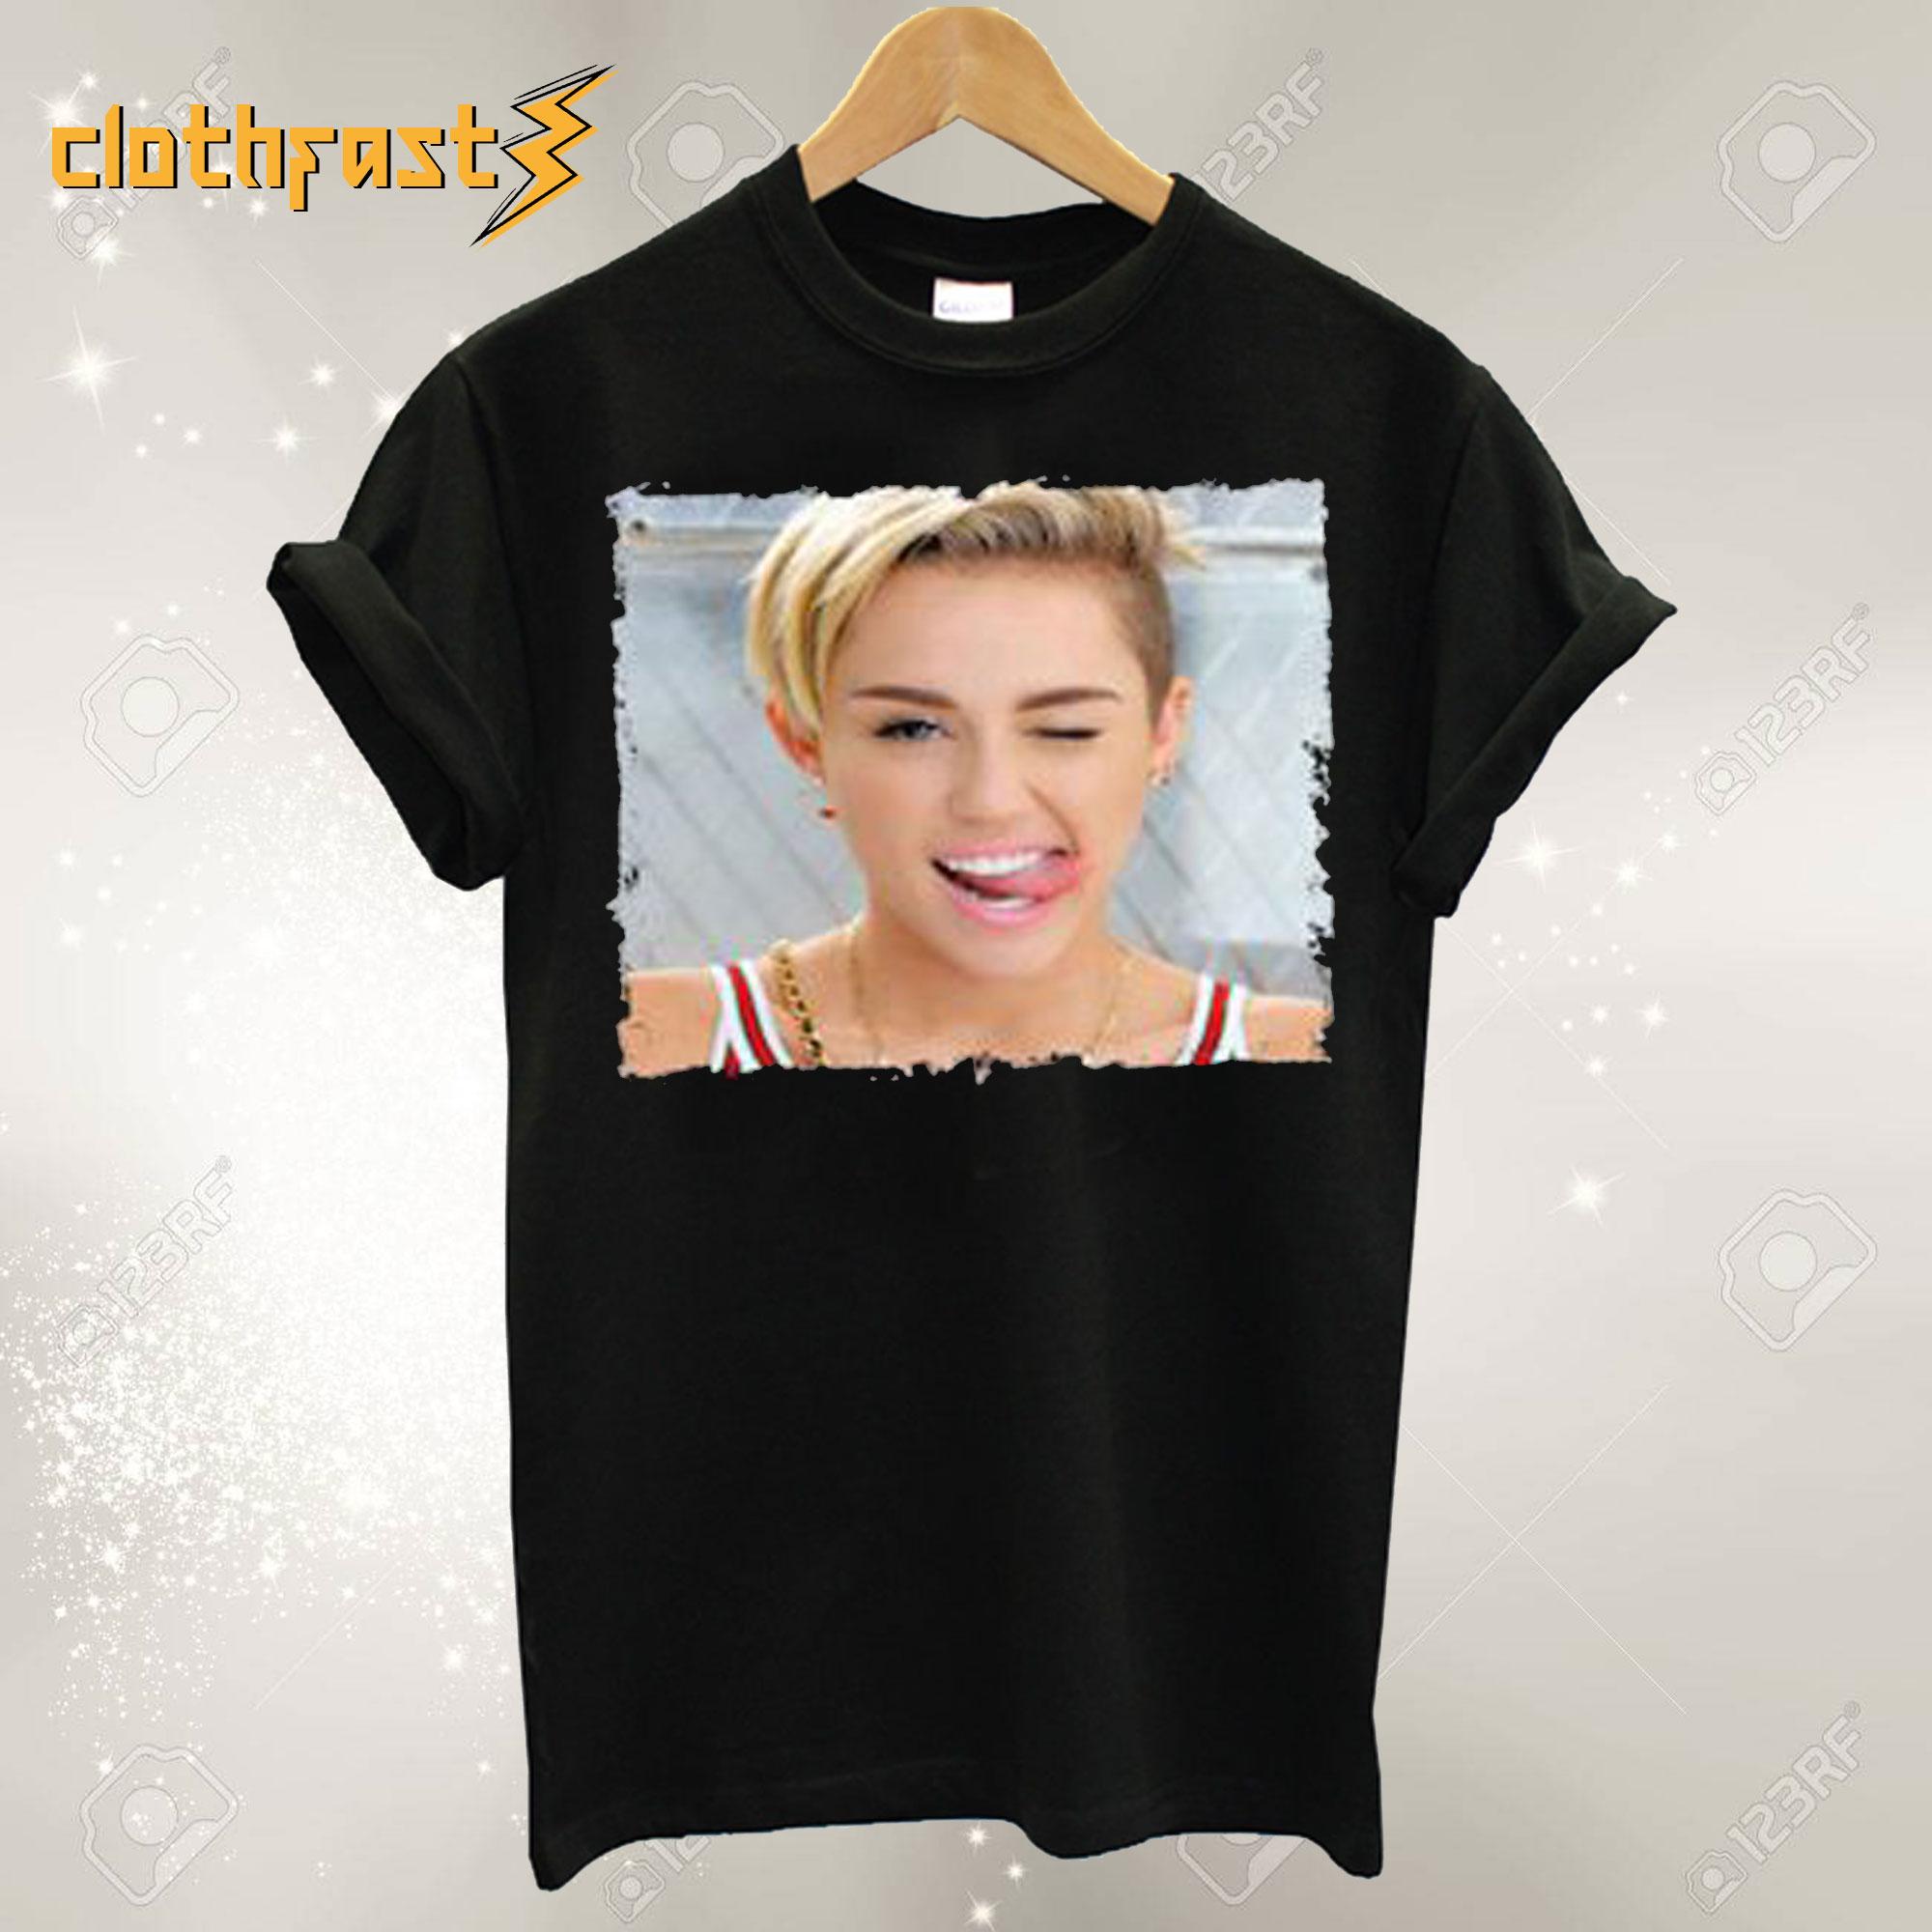 Miley Cyrus New Tshirt